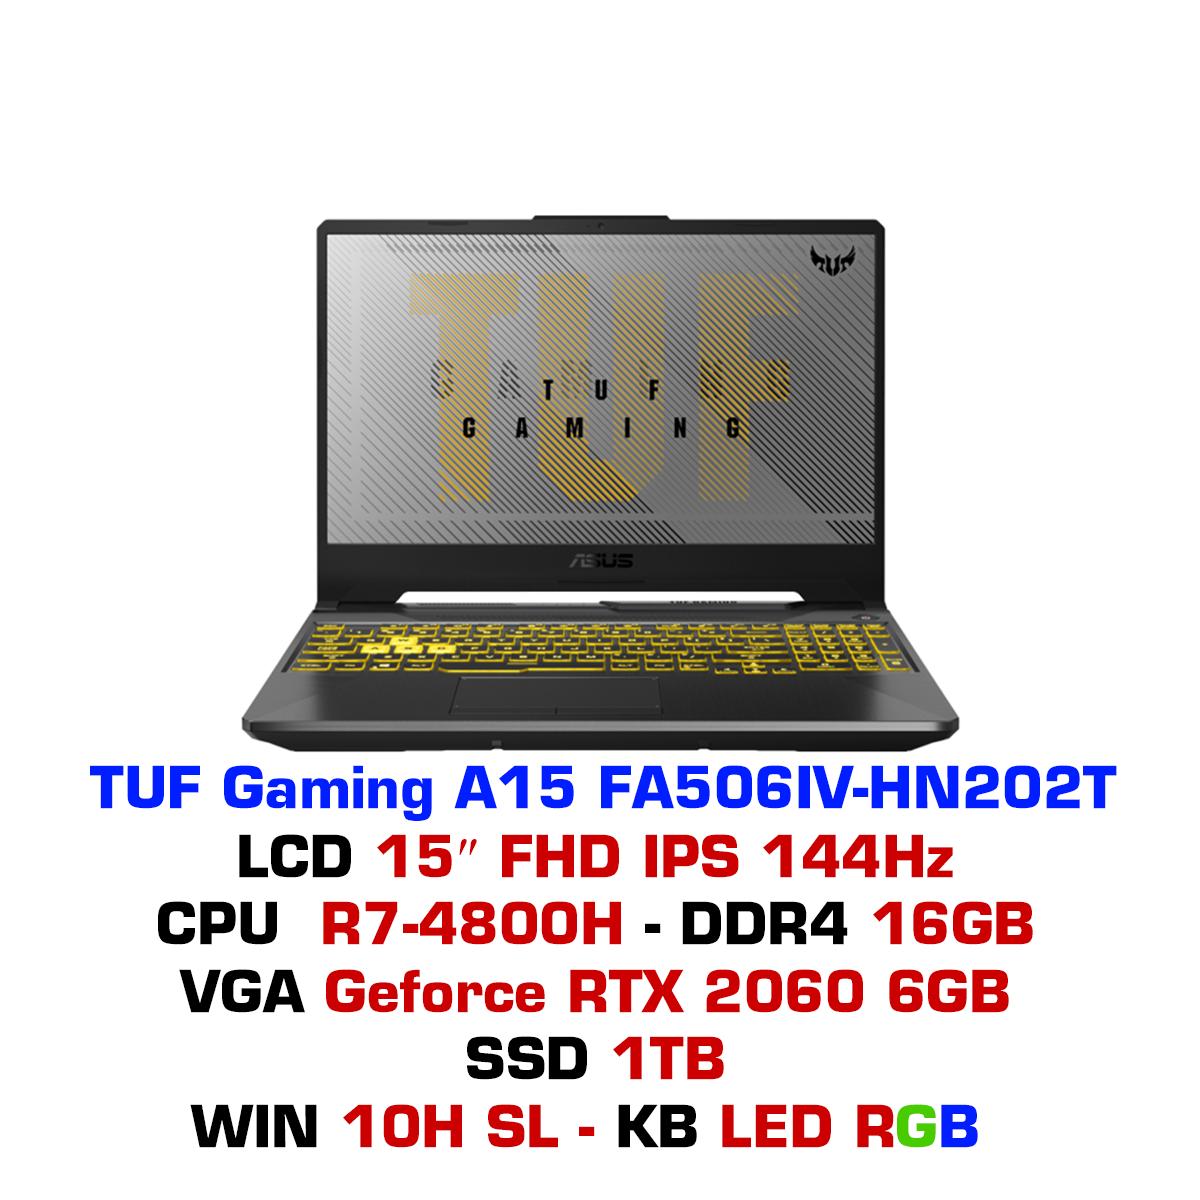 Laptop ASUS TUF Gaming A15 FA506IV - HN202T